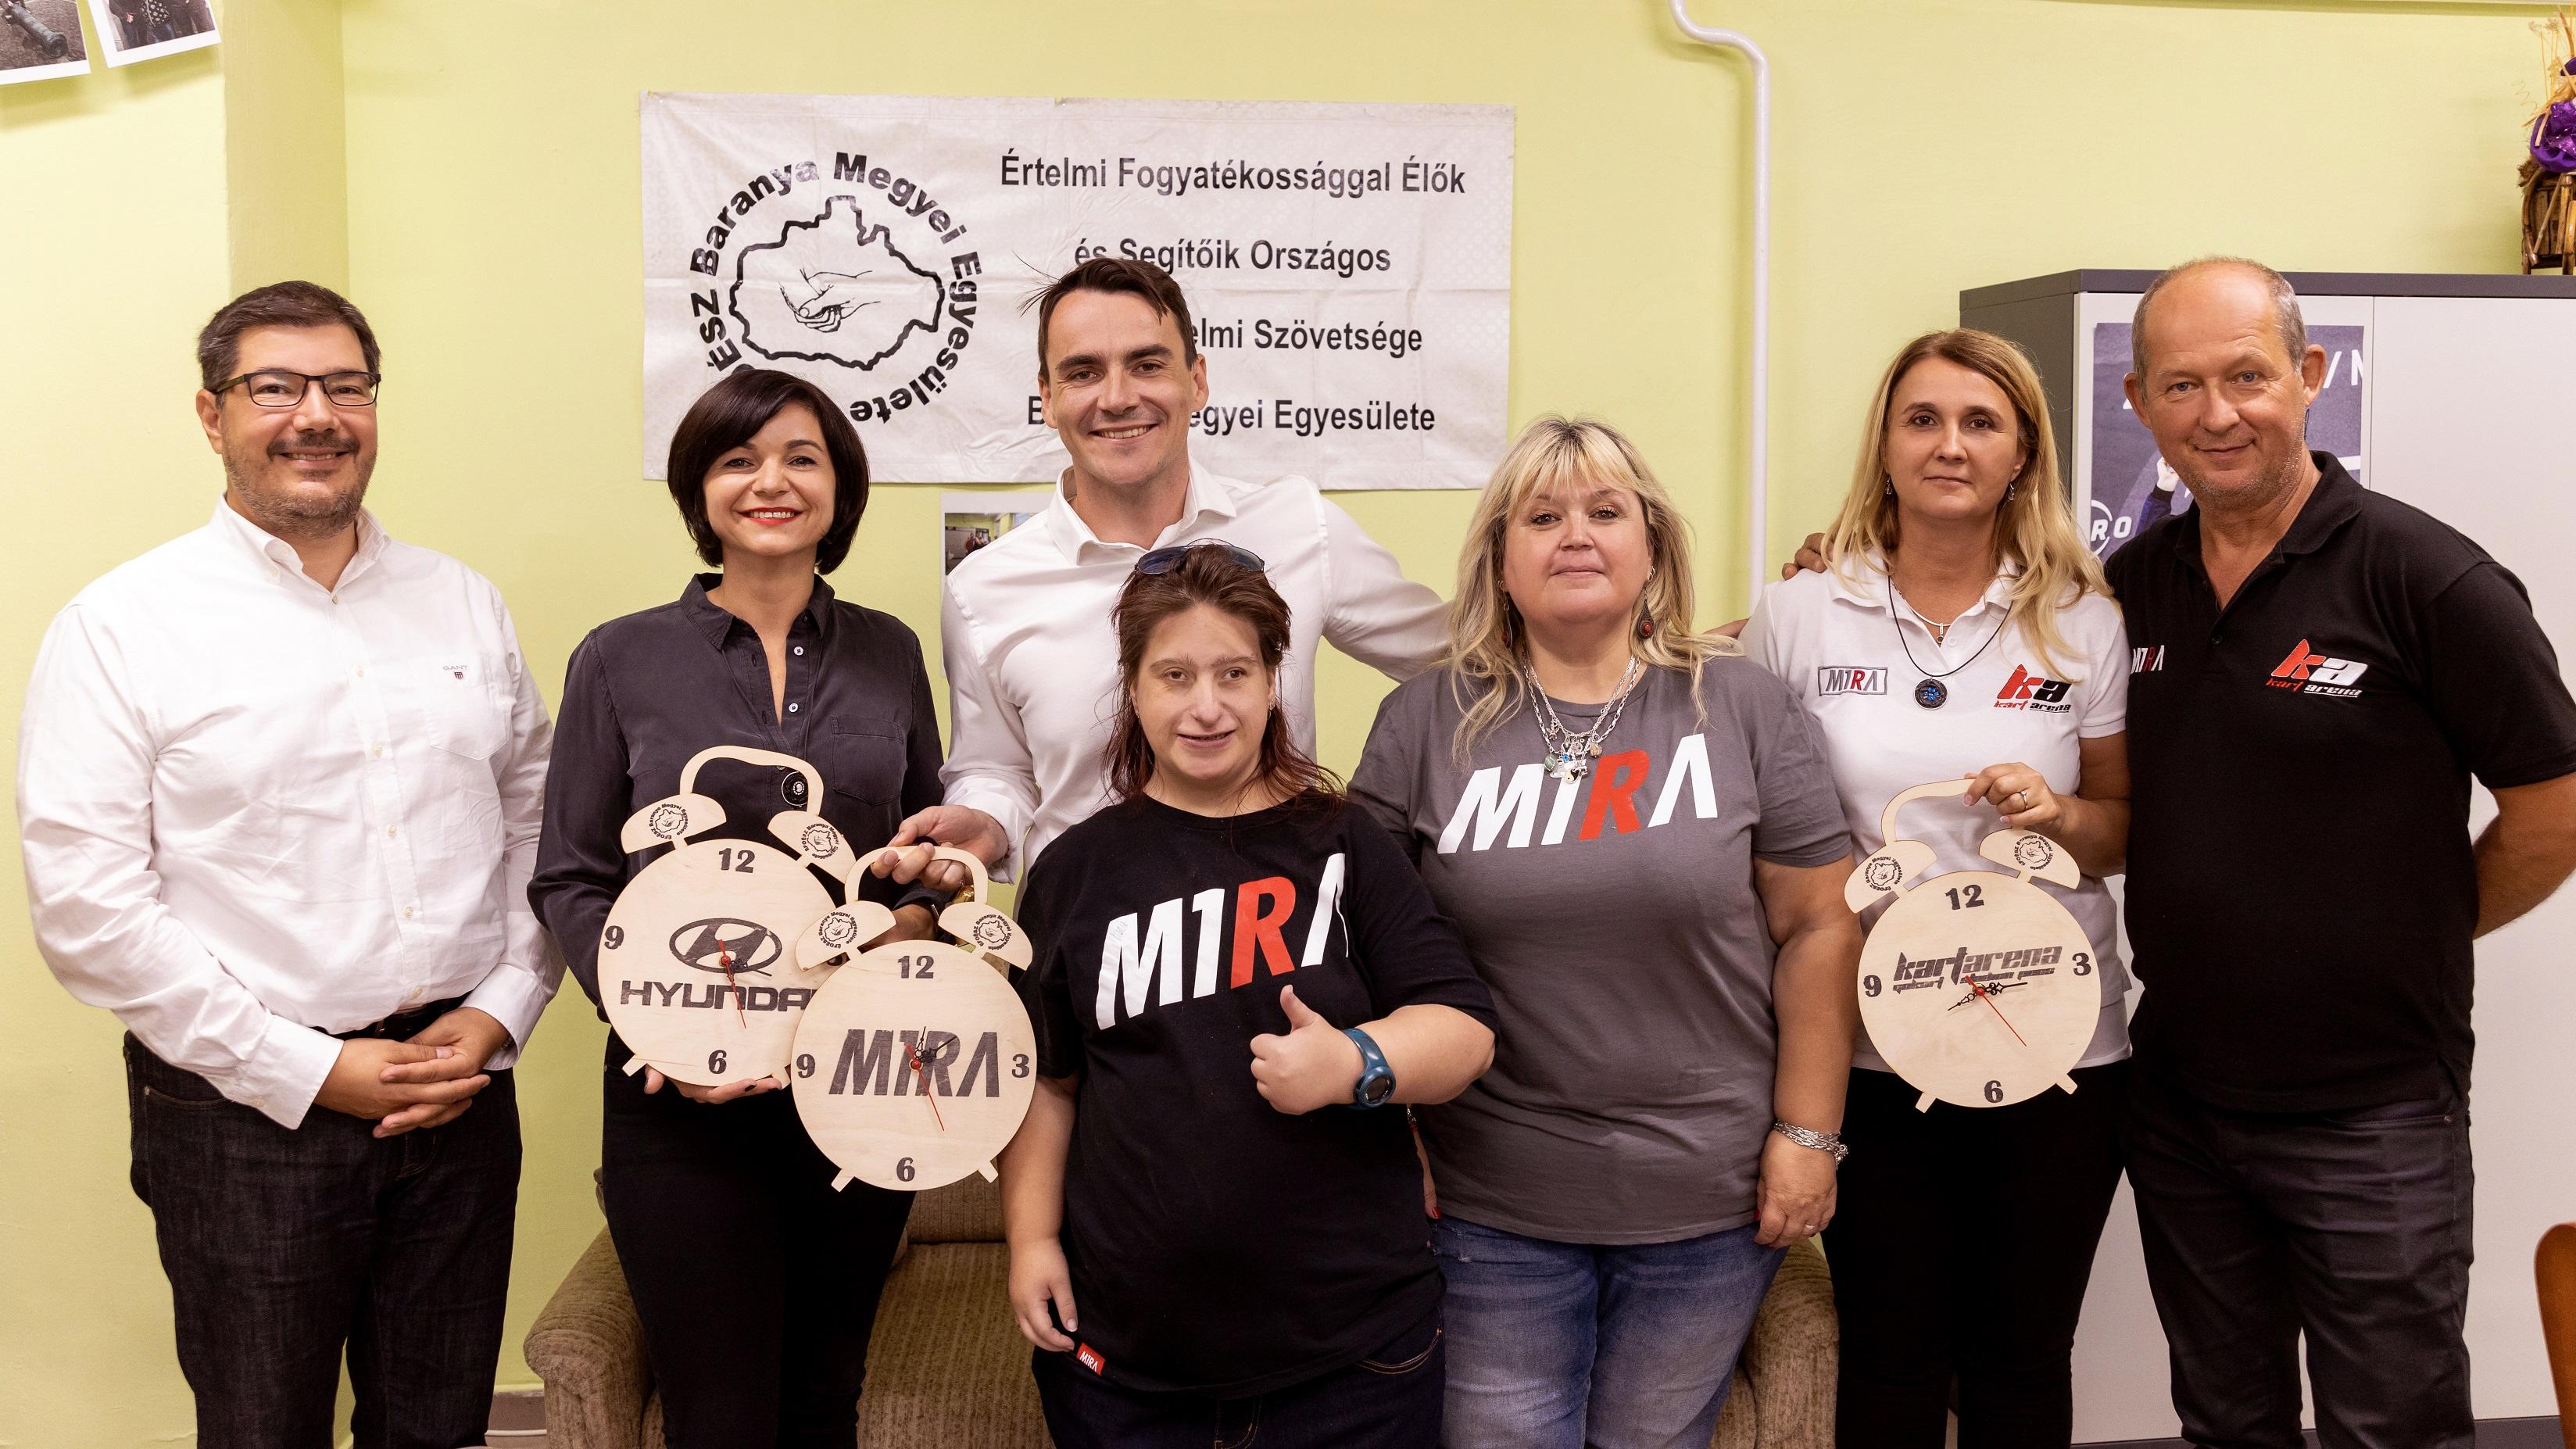 Értelmi fogyatékosokat támogatnak Michelisz Norberték